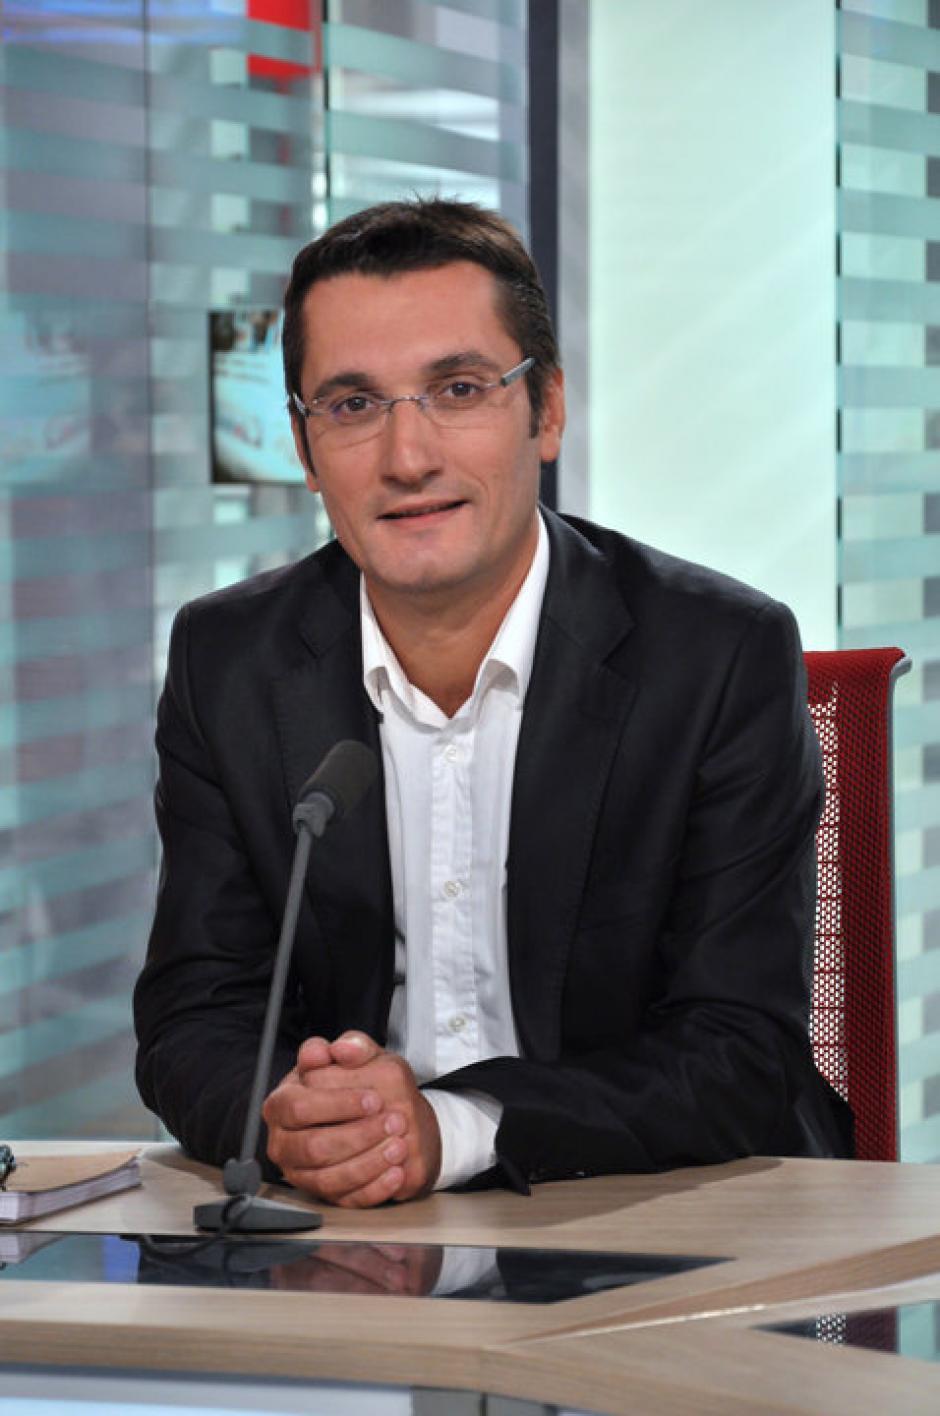 Olivier Dartigolles